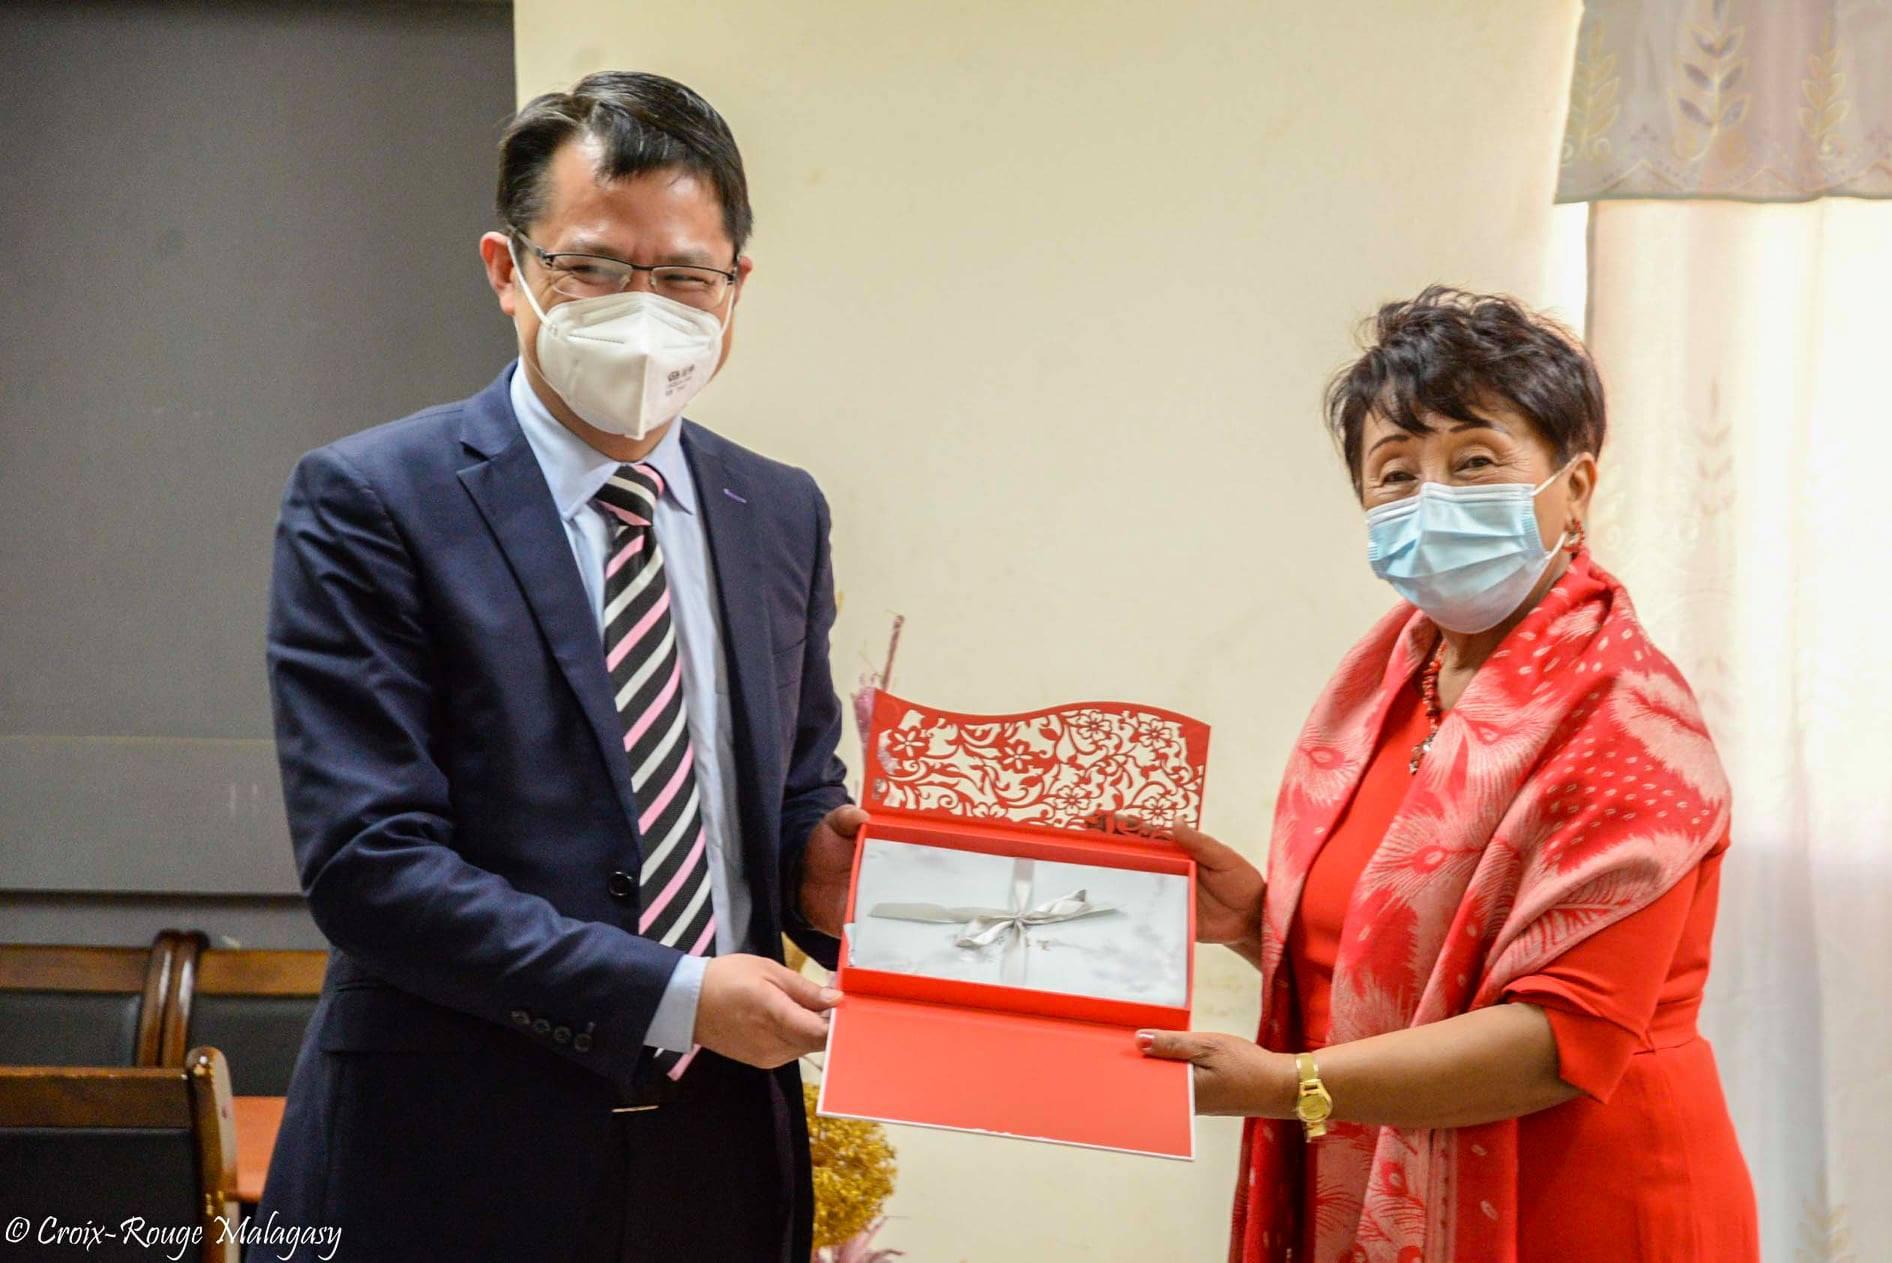 Visite de courtoisie par l'Ambassade de la République Populaire de Chine